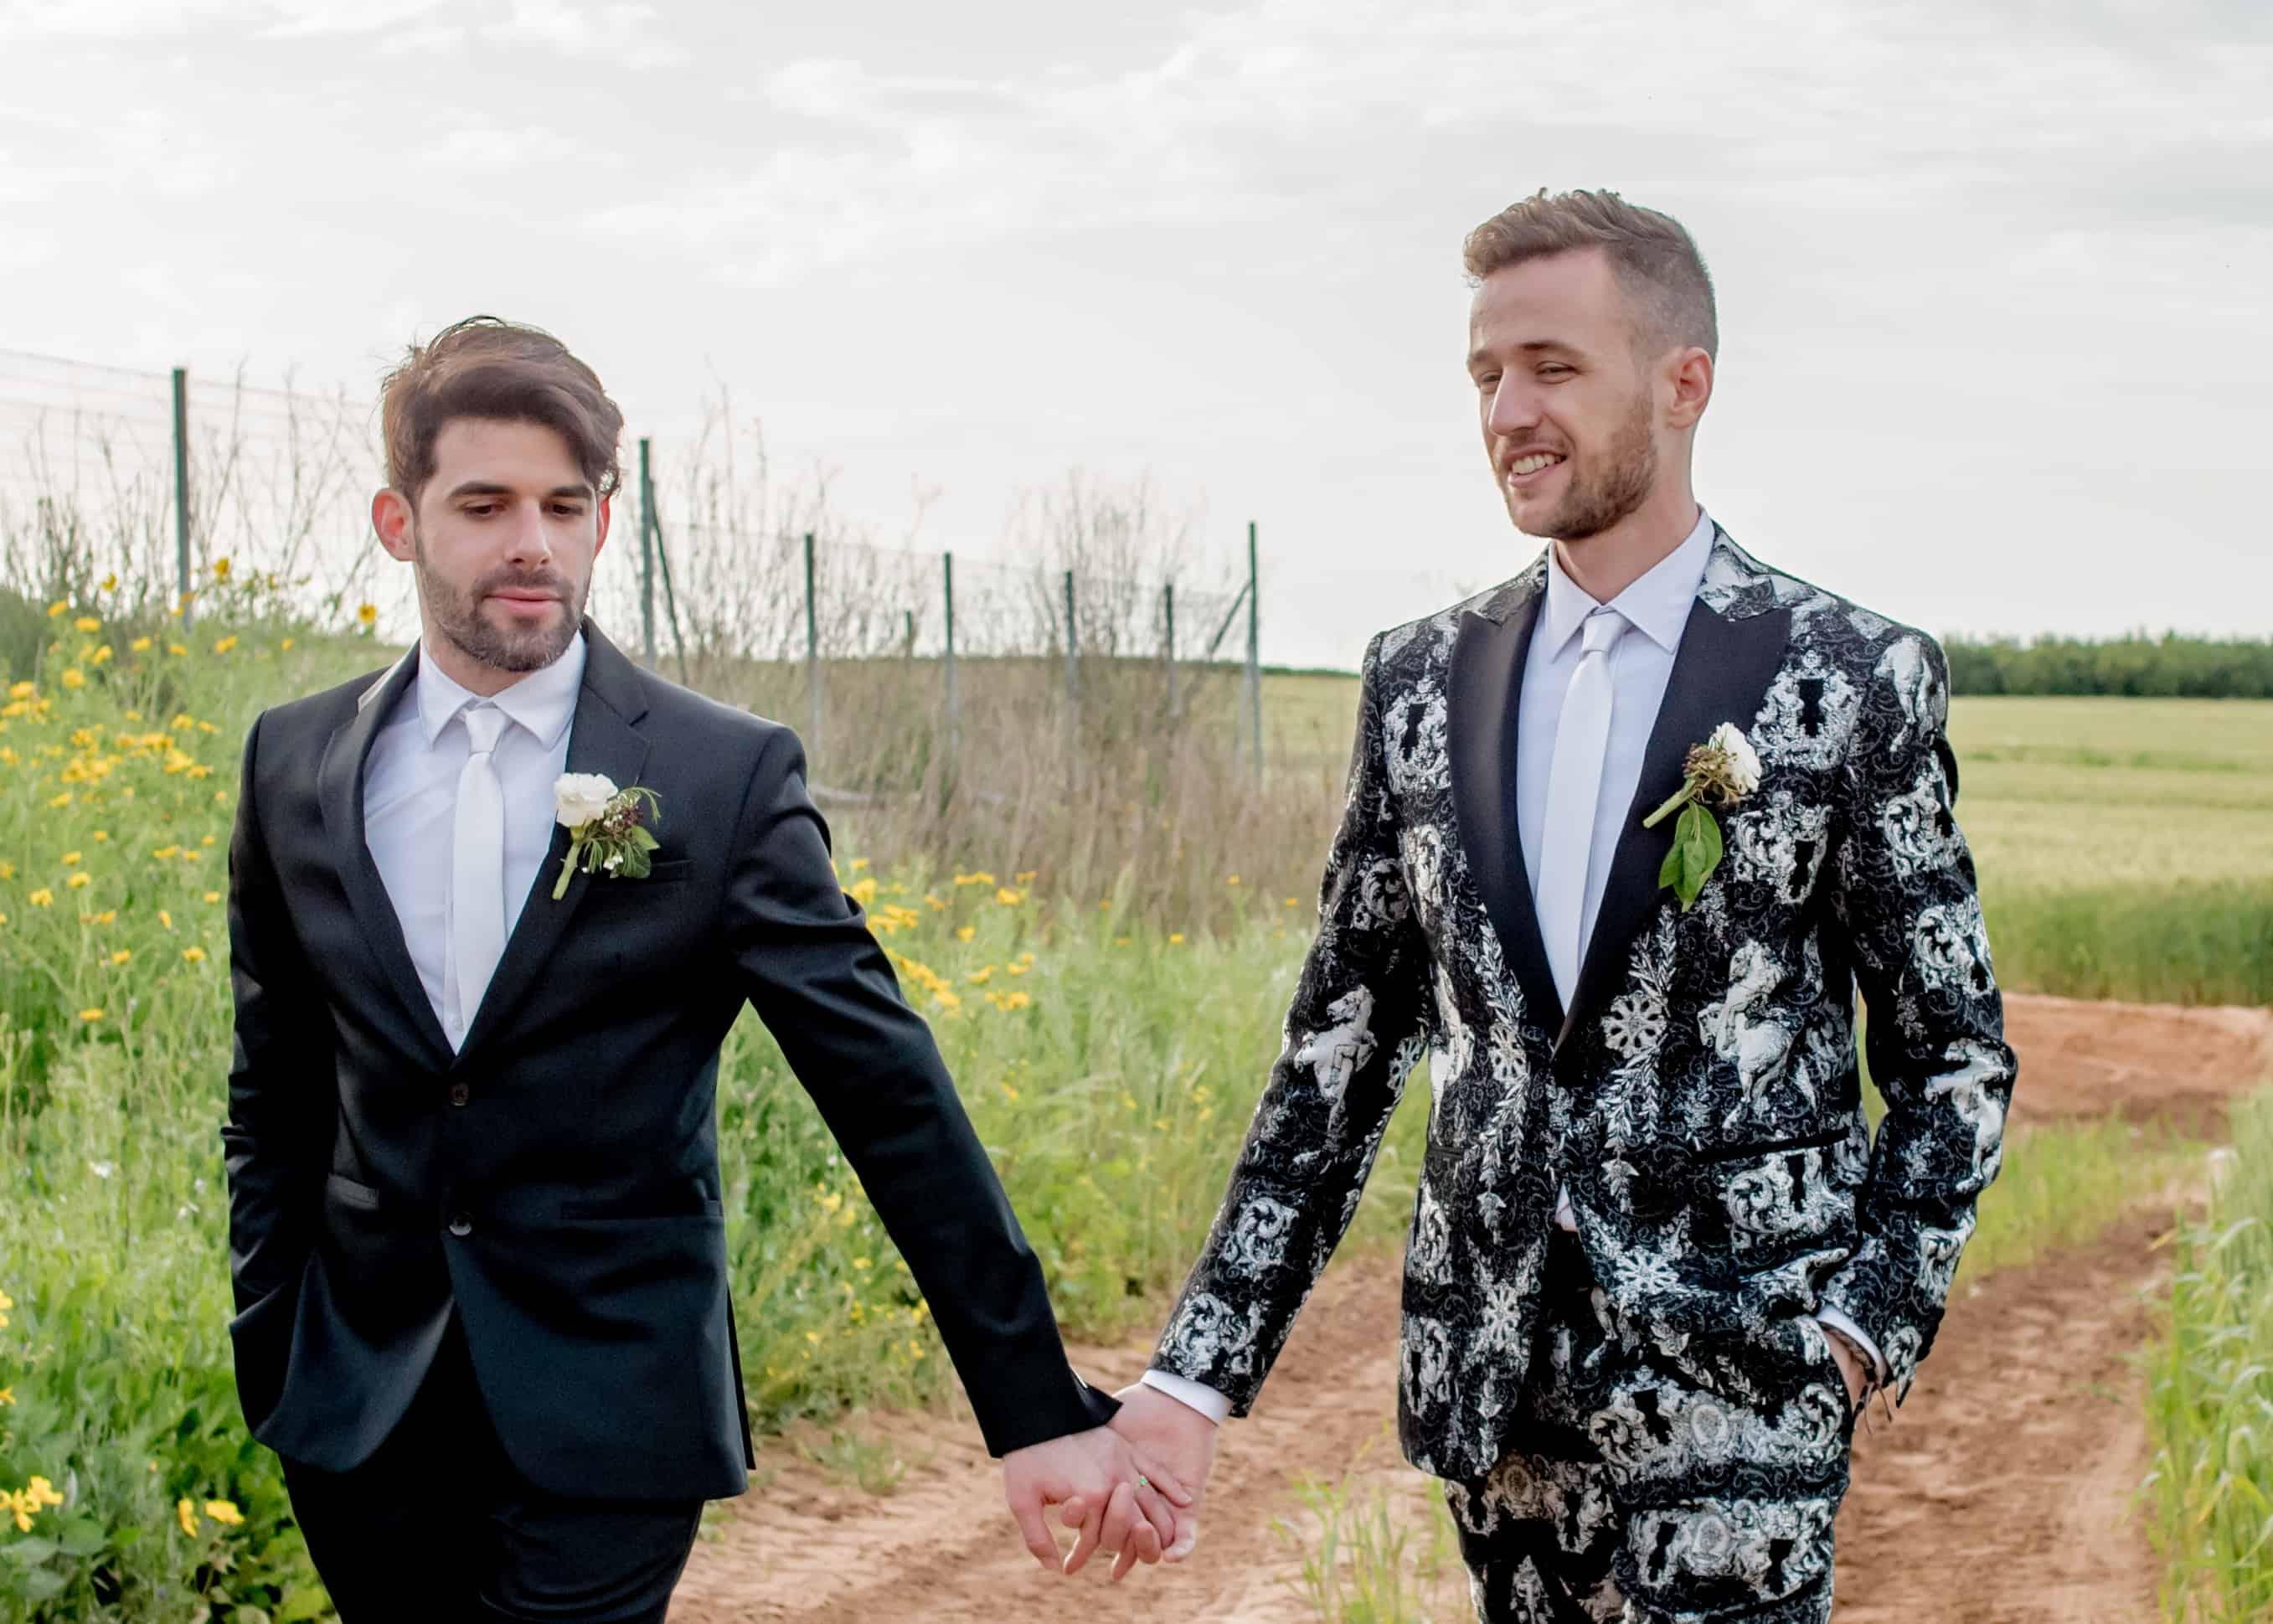 צלם וידאו מומלץ לחתונה גאה